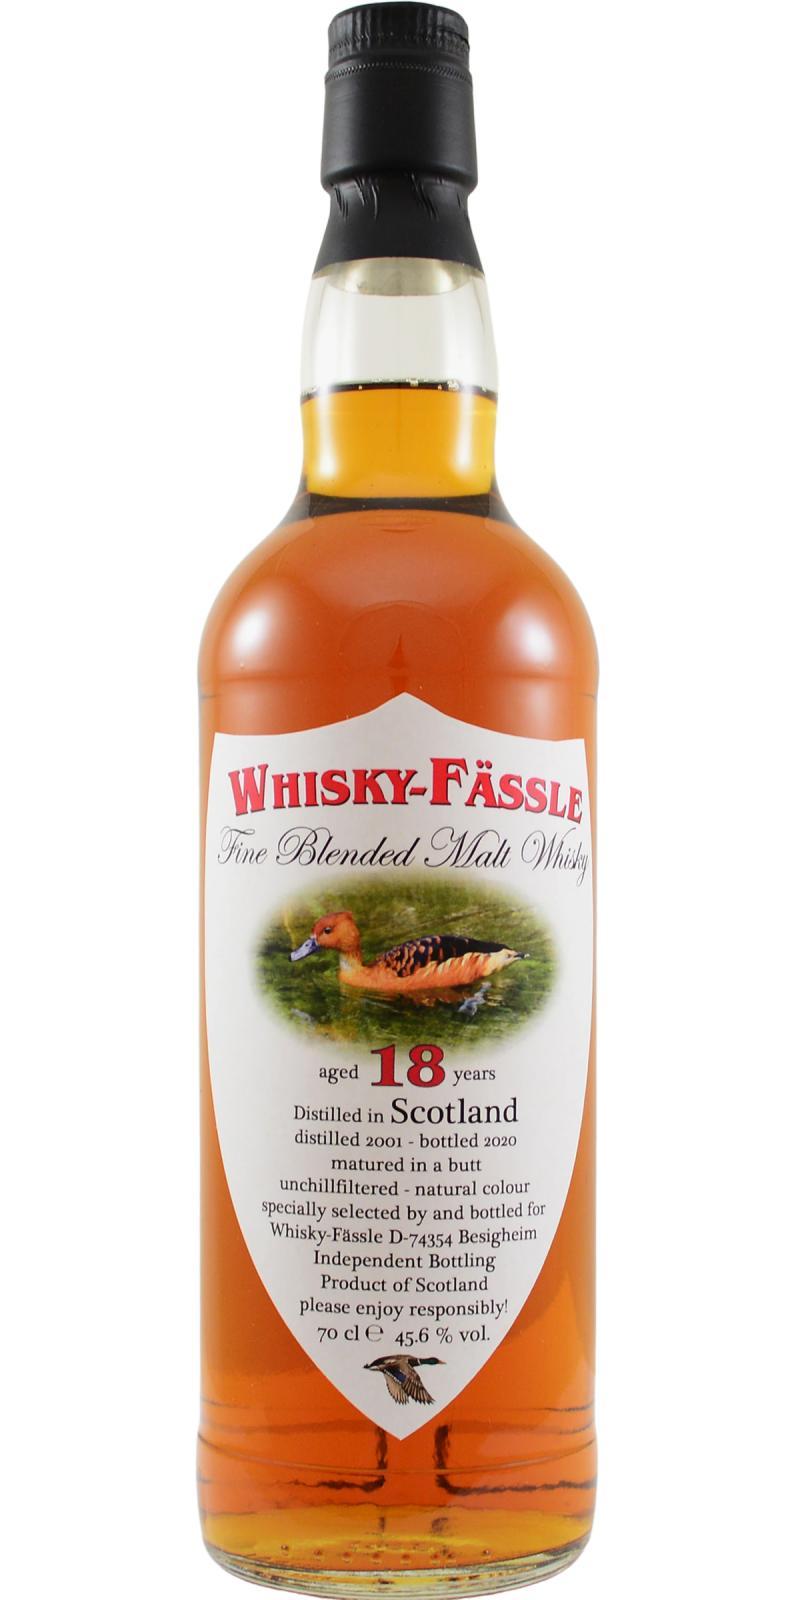 Fine Blended Malt Whisky 2001 W-F